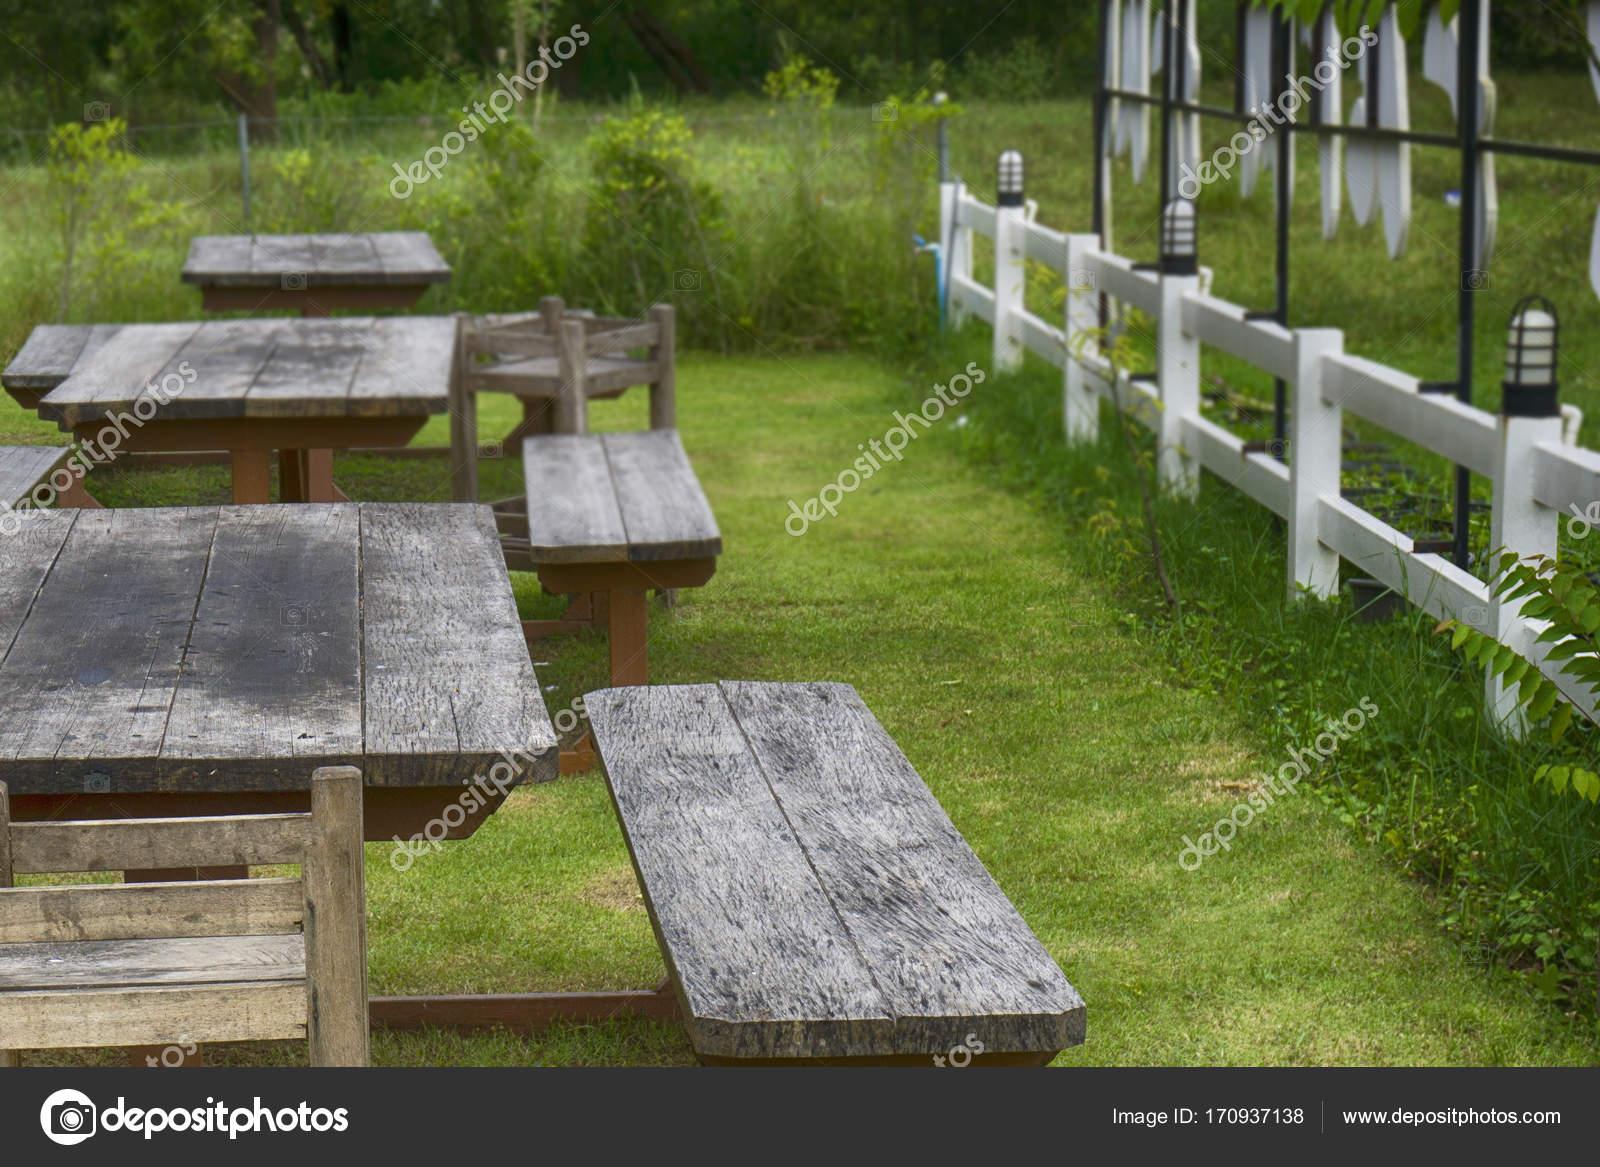 Fesselnde Sitzplatz Garten Ideen Von Im — Stockfoto